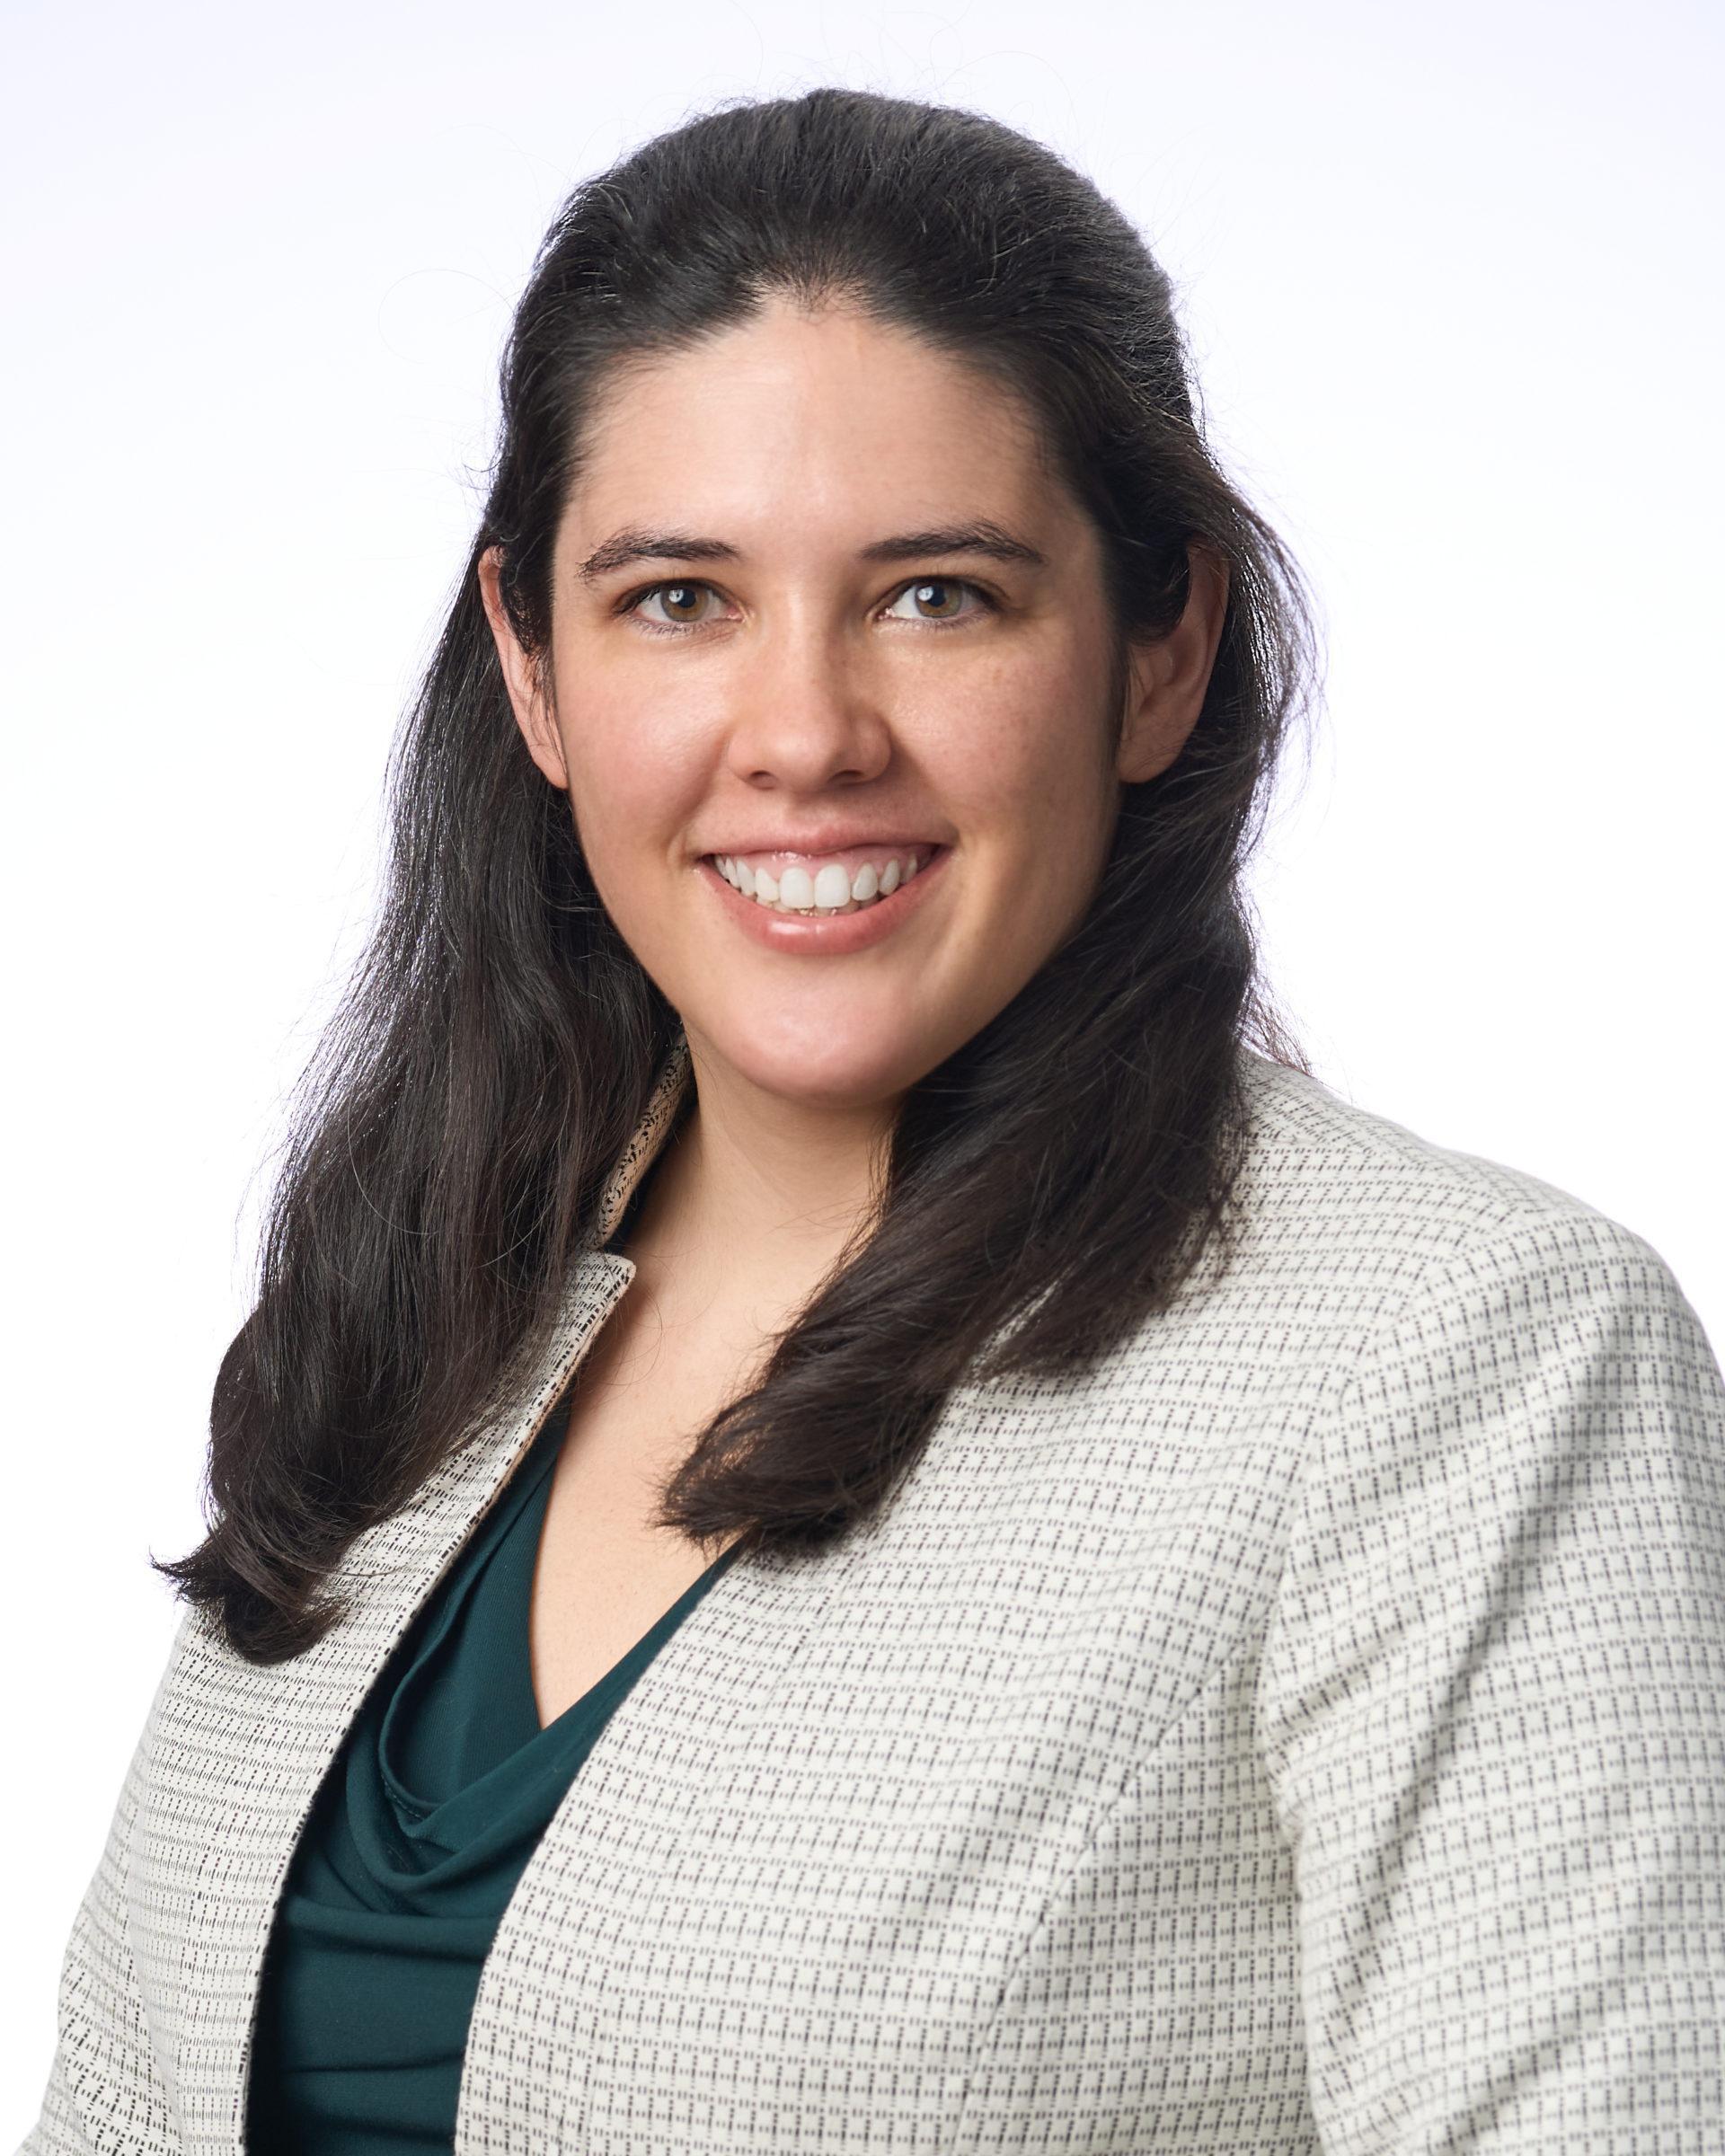 Sarah C. Aviles